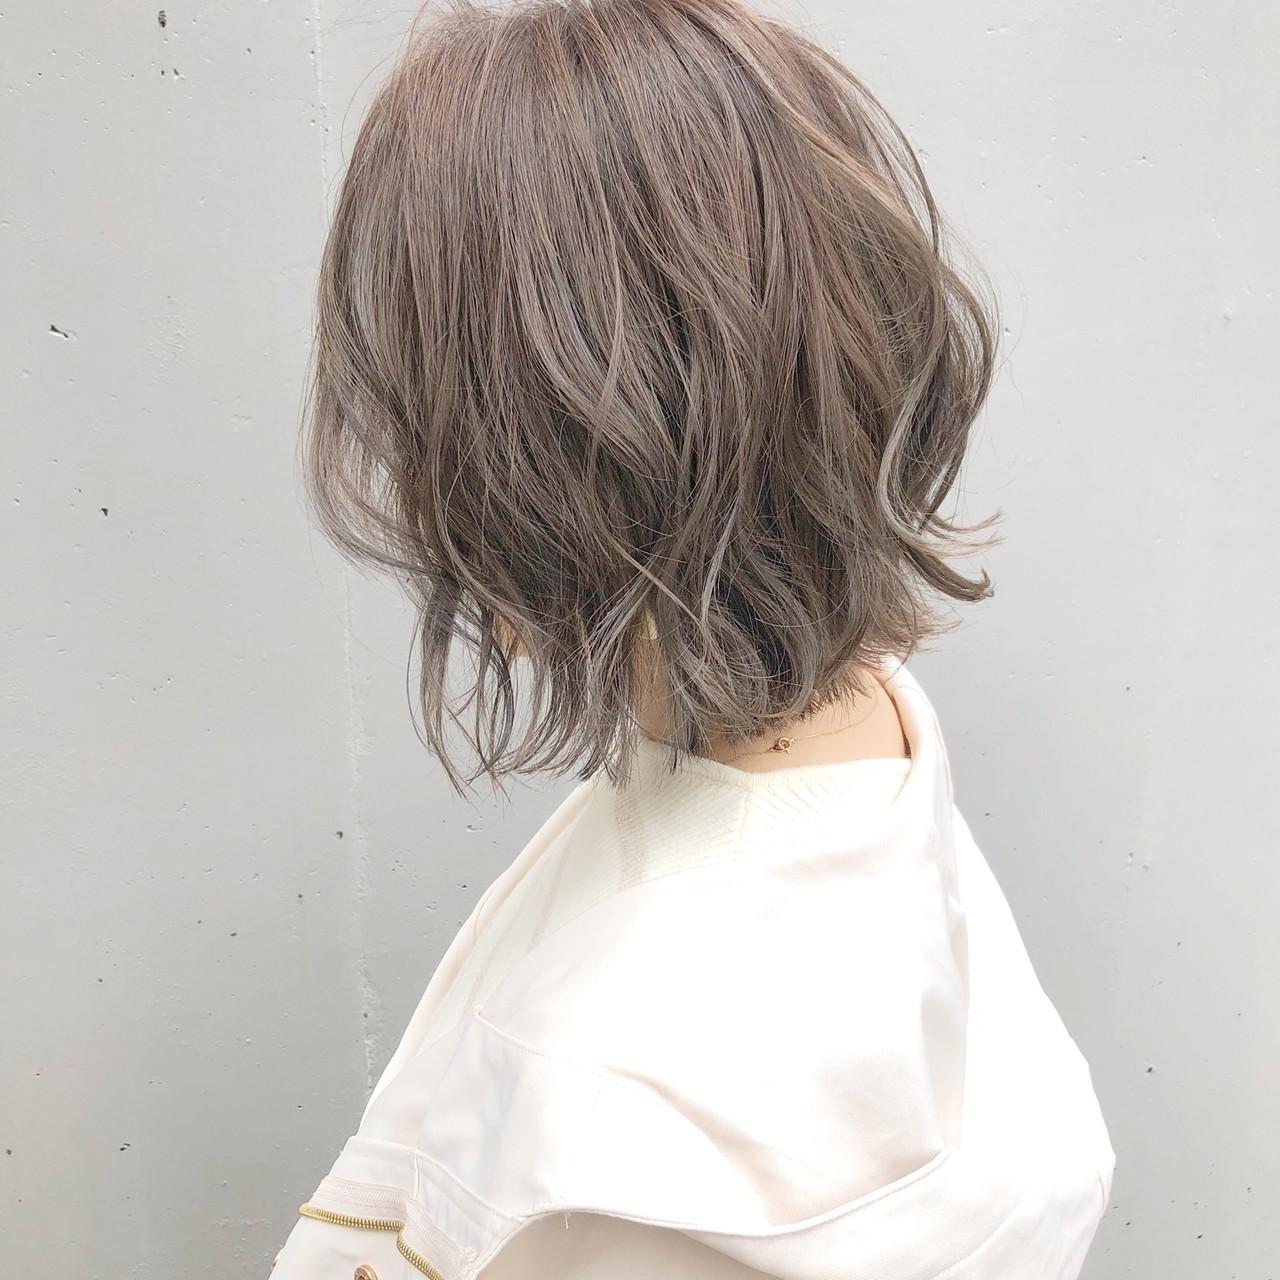 デート アンニュイほつれヘア ボブ ヘアアレンジ ヘアスタイルや髪型の写真・画像 | 『ボブ美容師』永田邦彦 表参道 / send by HAIR